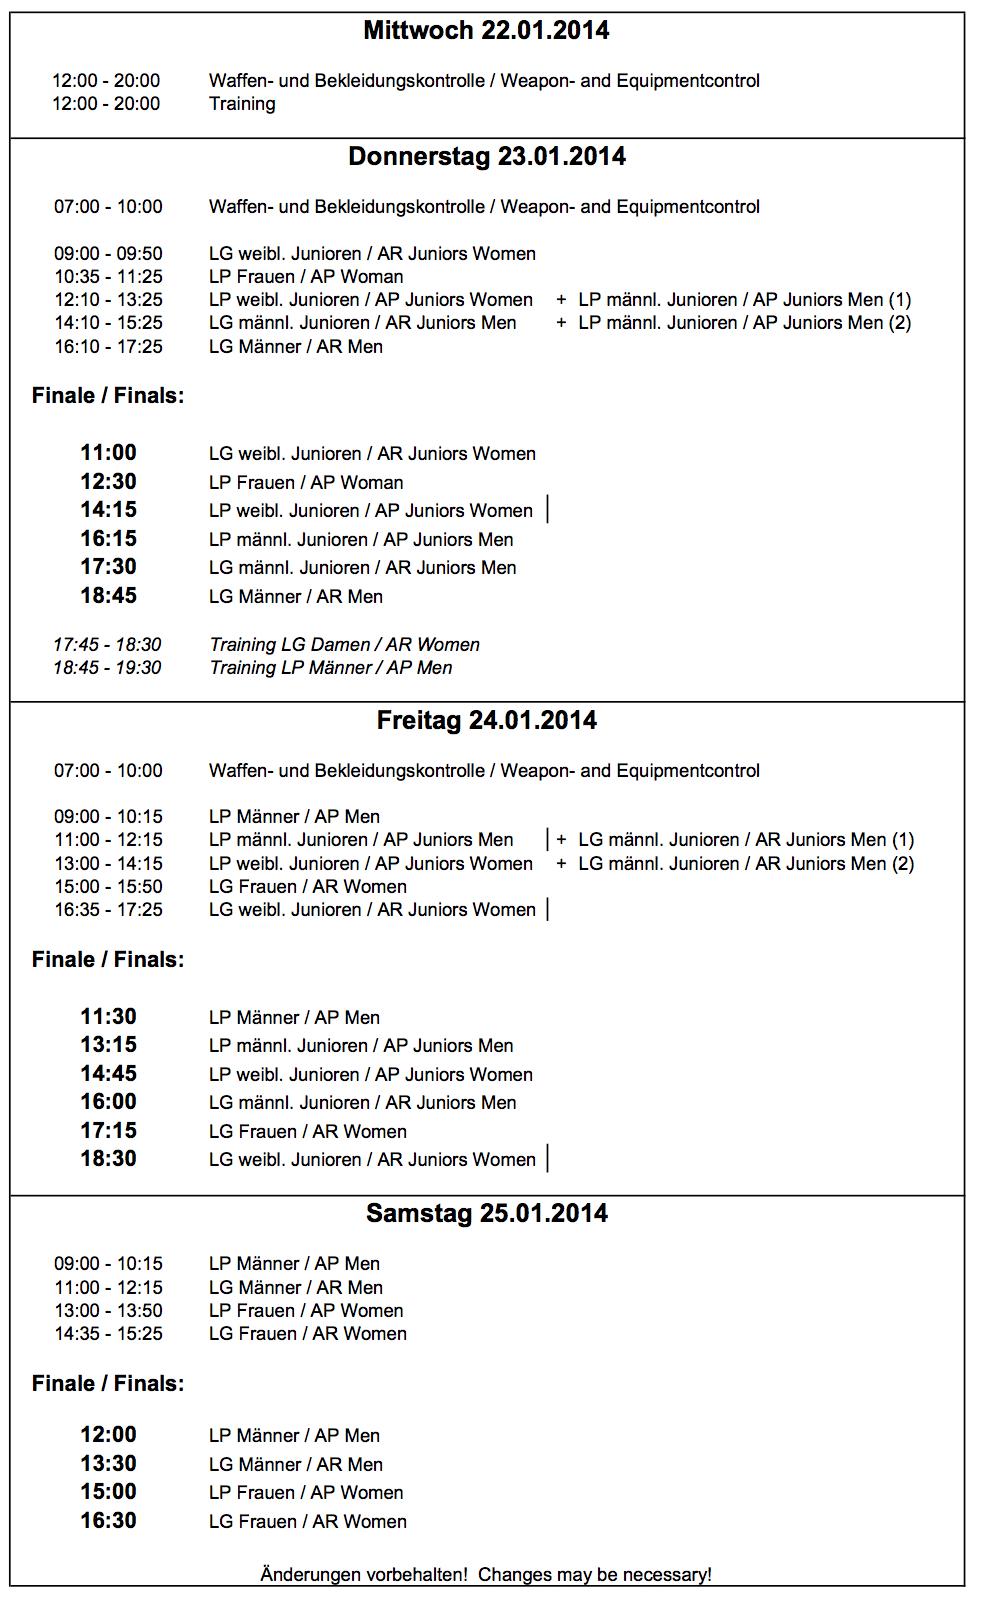 Programme heure Munich.jpg